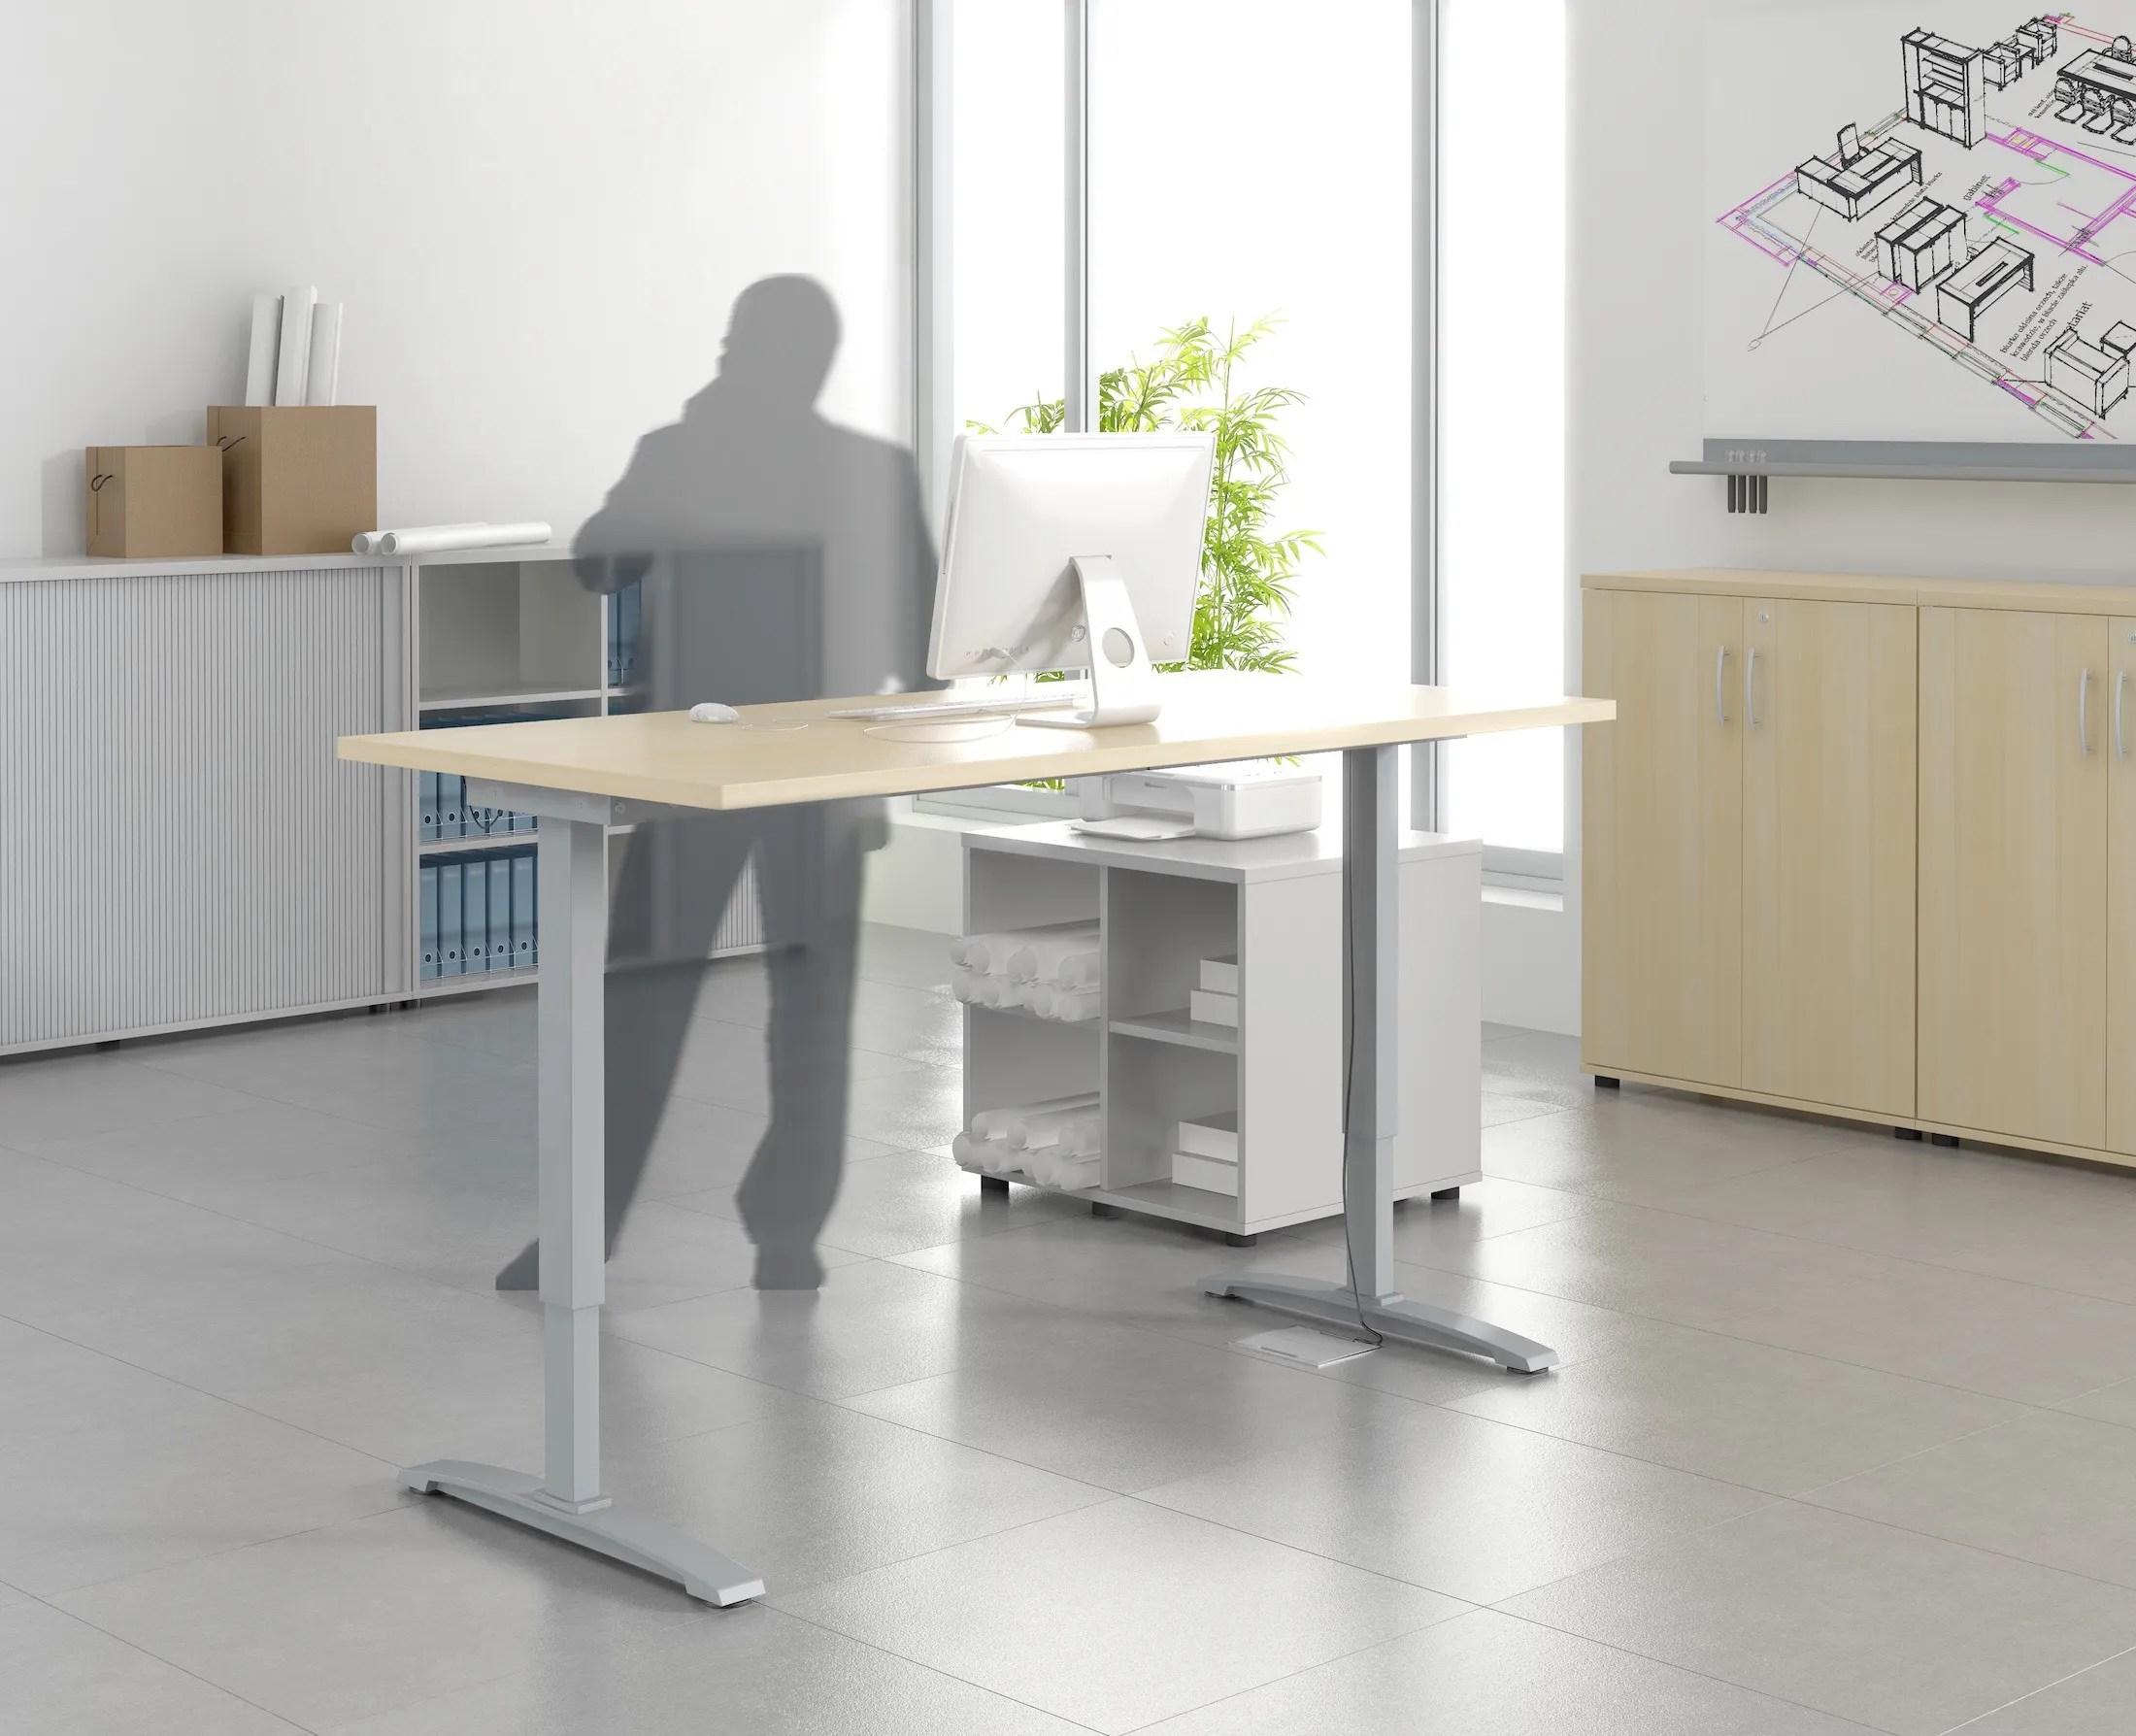 bureau individuel reglable en hauteur mdd bureaux reglables en ha